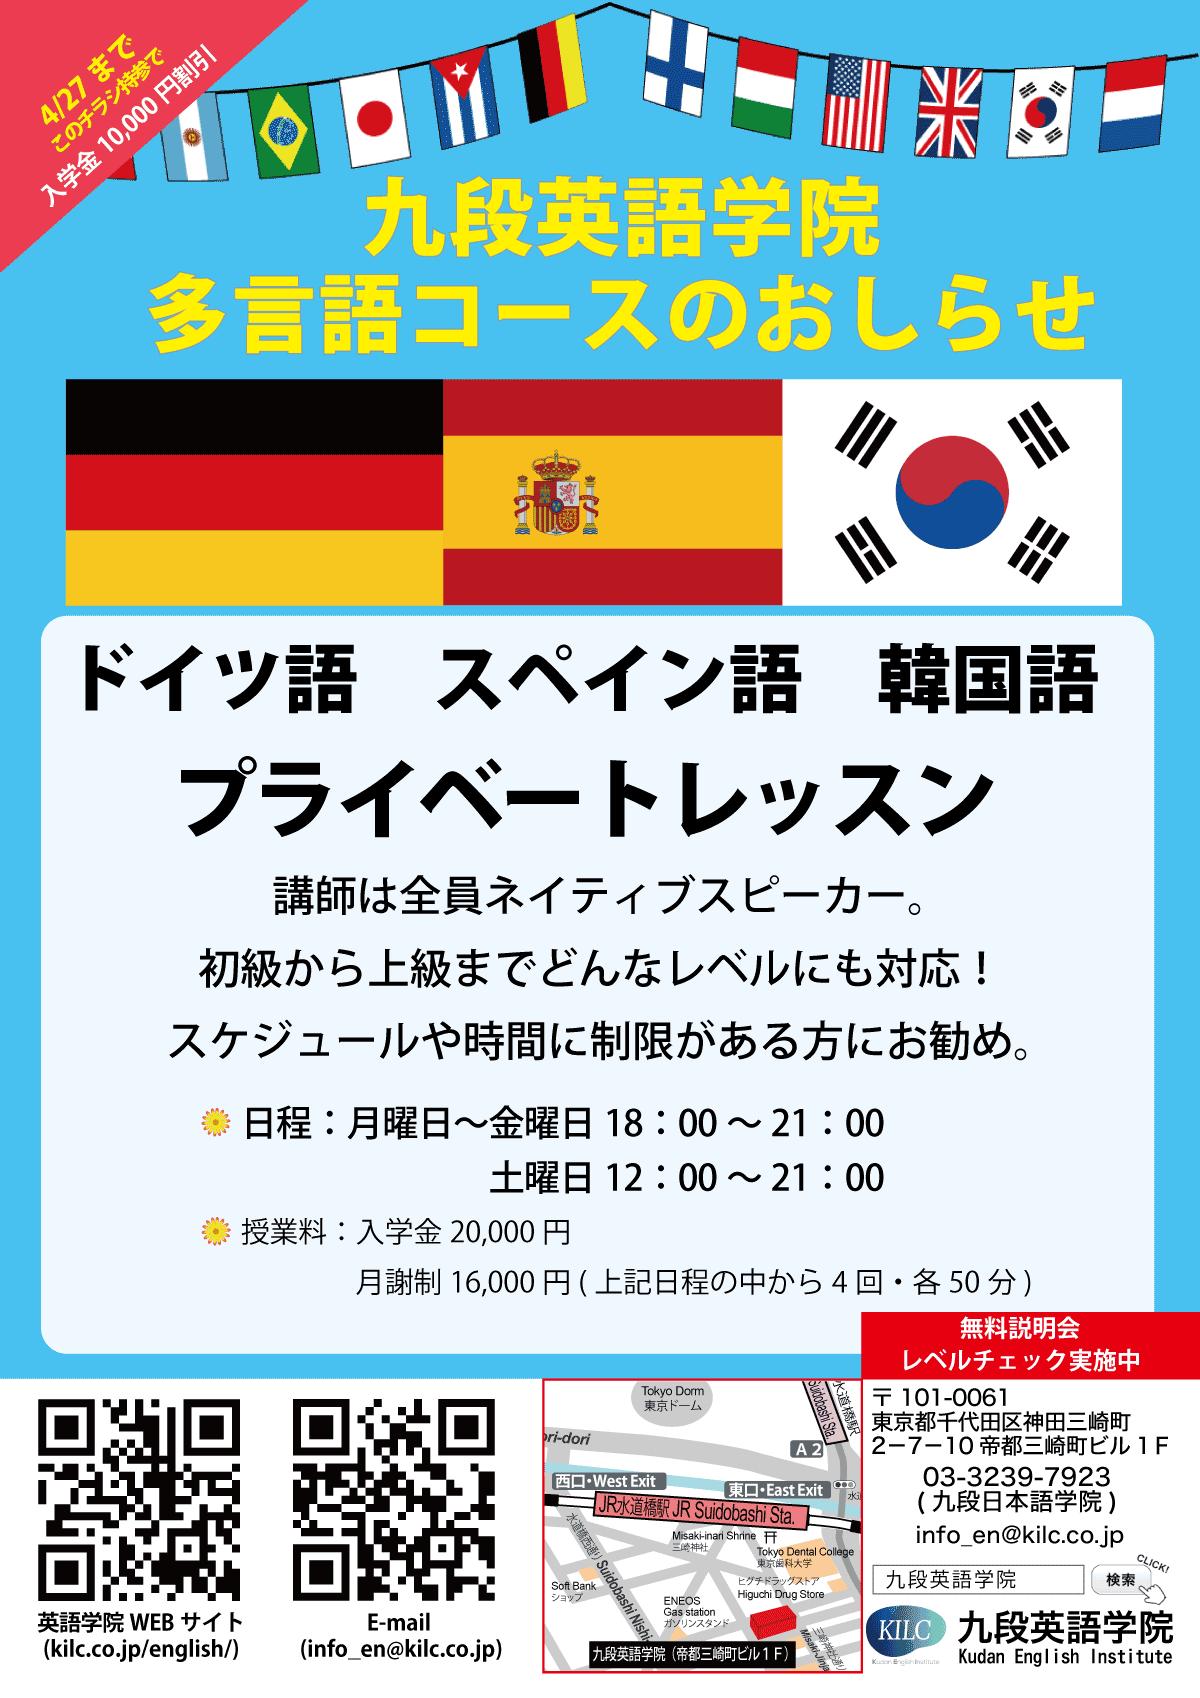 九段英語学院 多言語プライベートレッスンのお知らせ